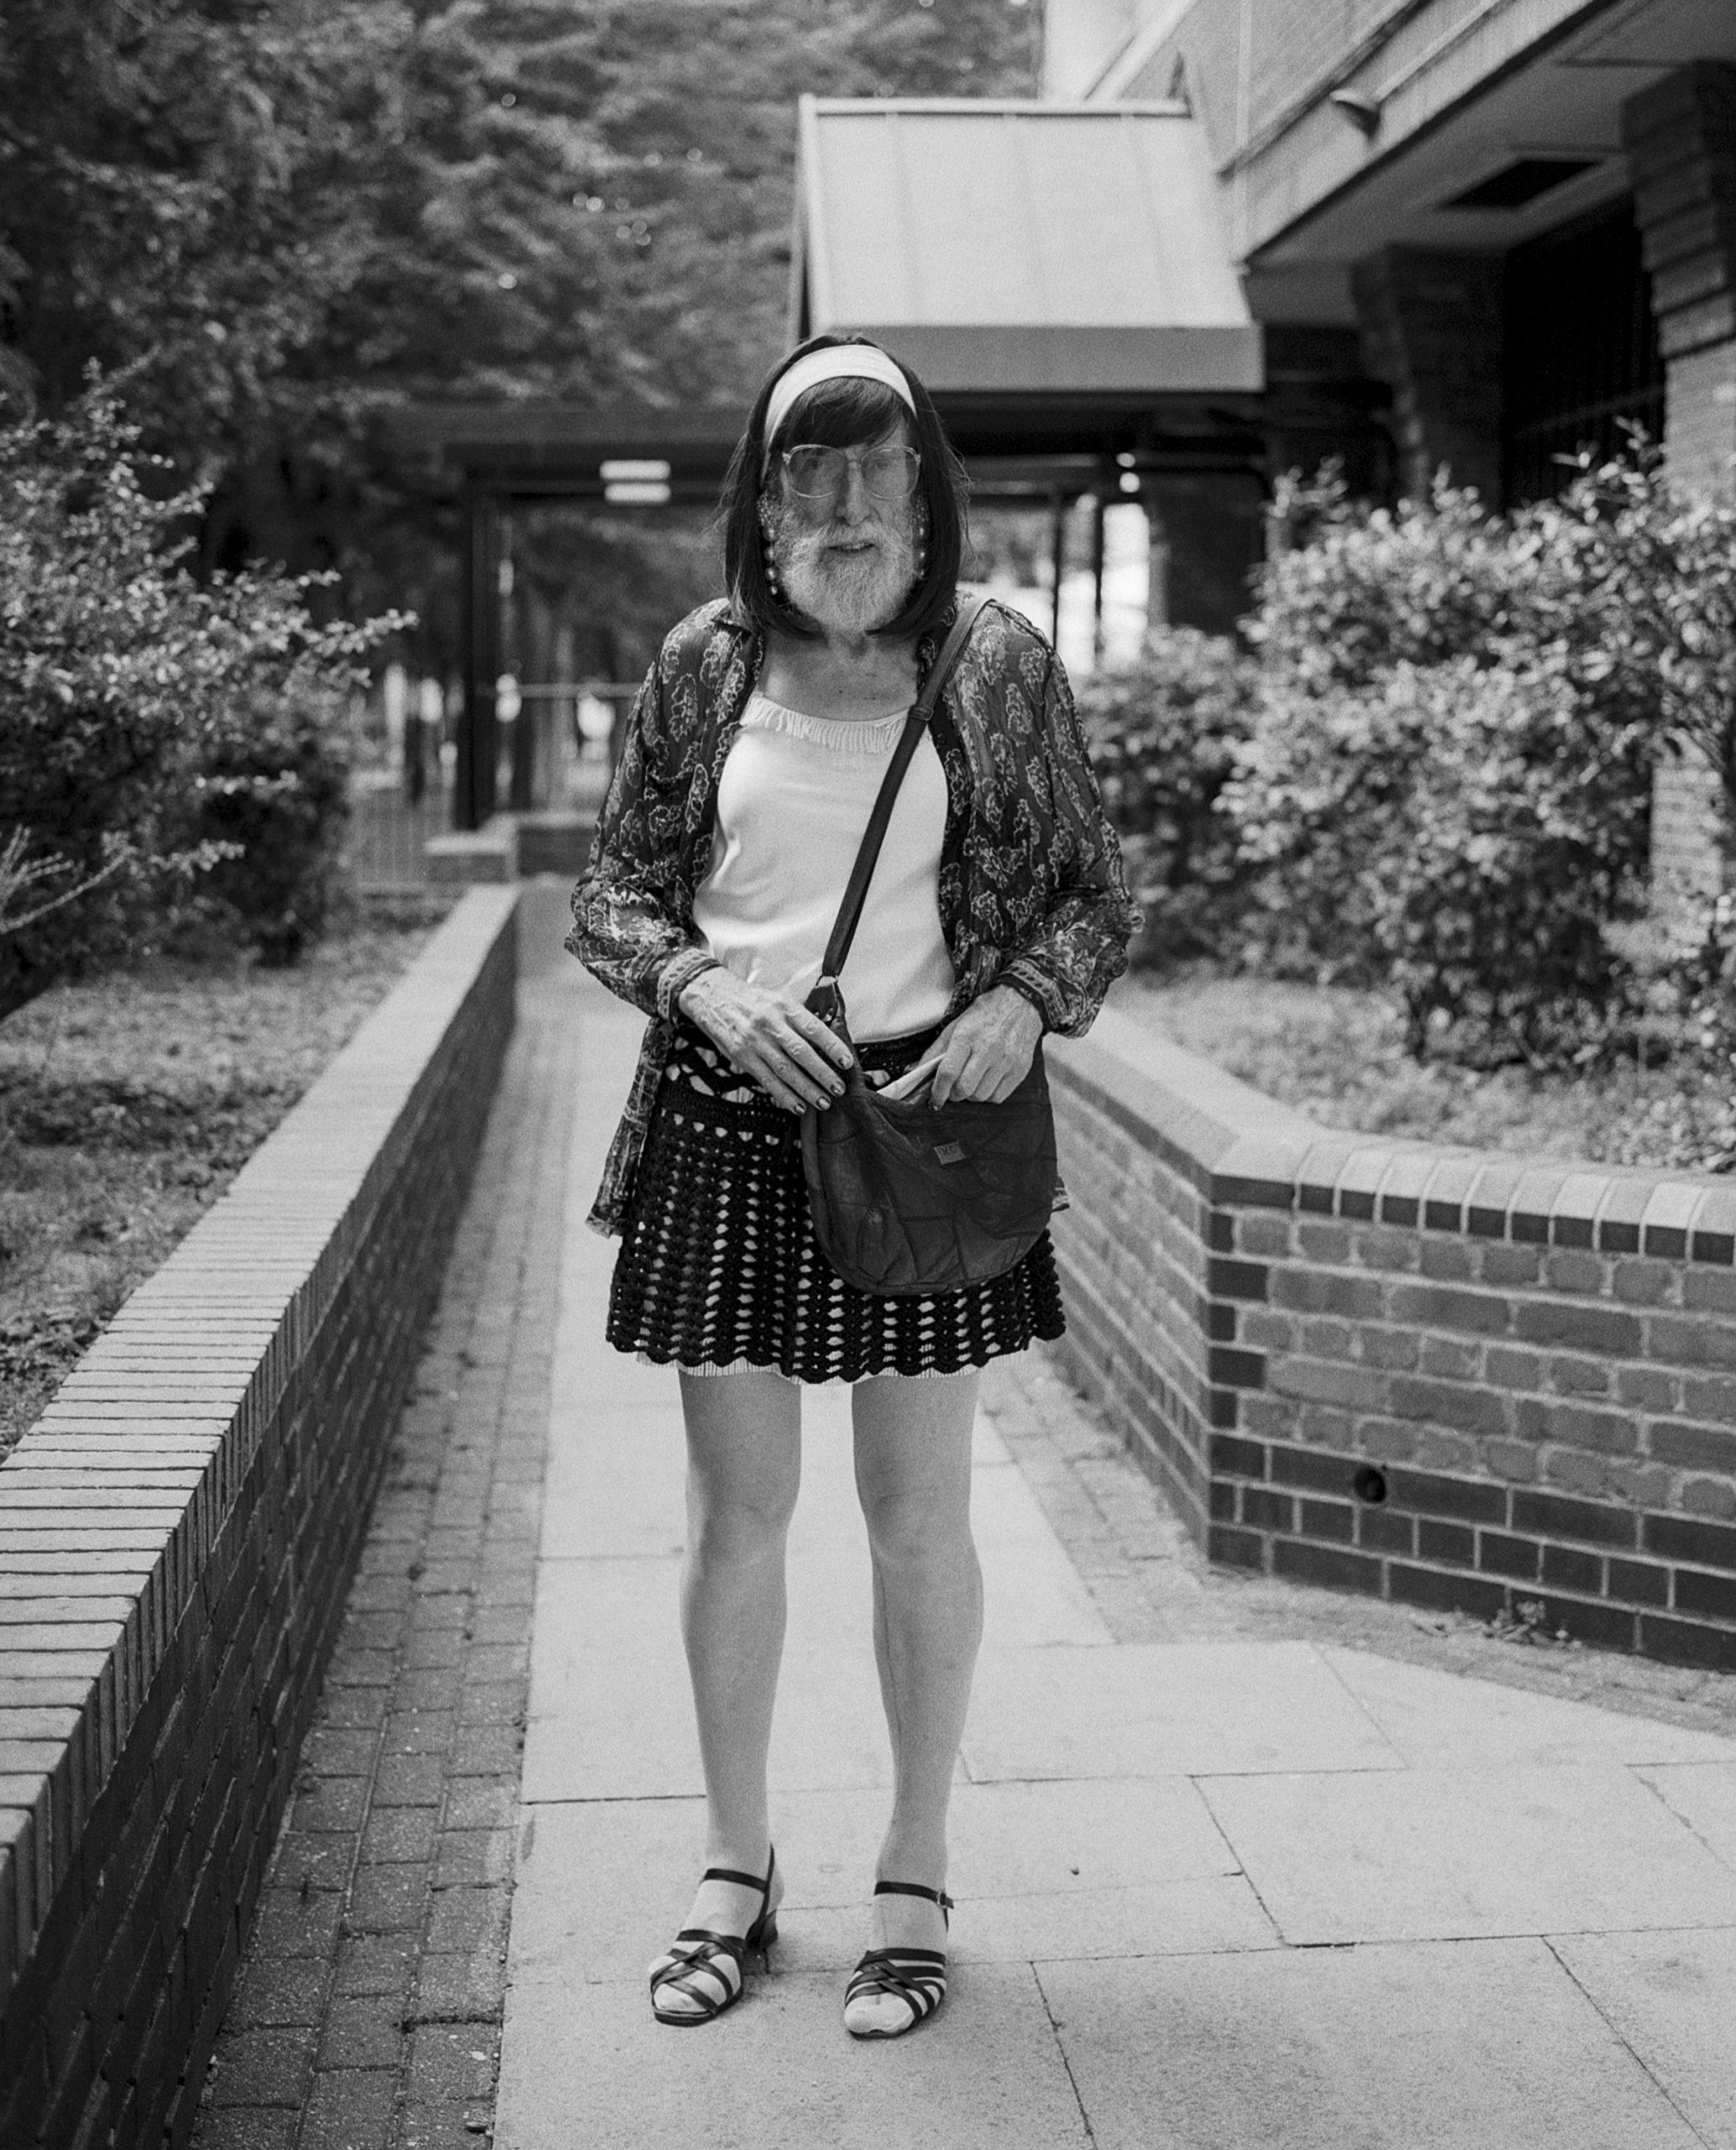 Tony-IOD-ioanamarinca shot on ILFORD HP5 Black and white film